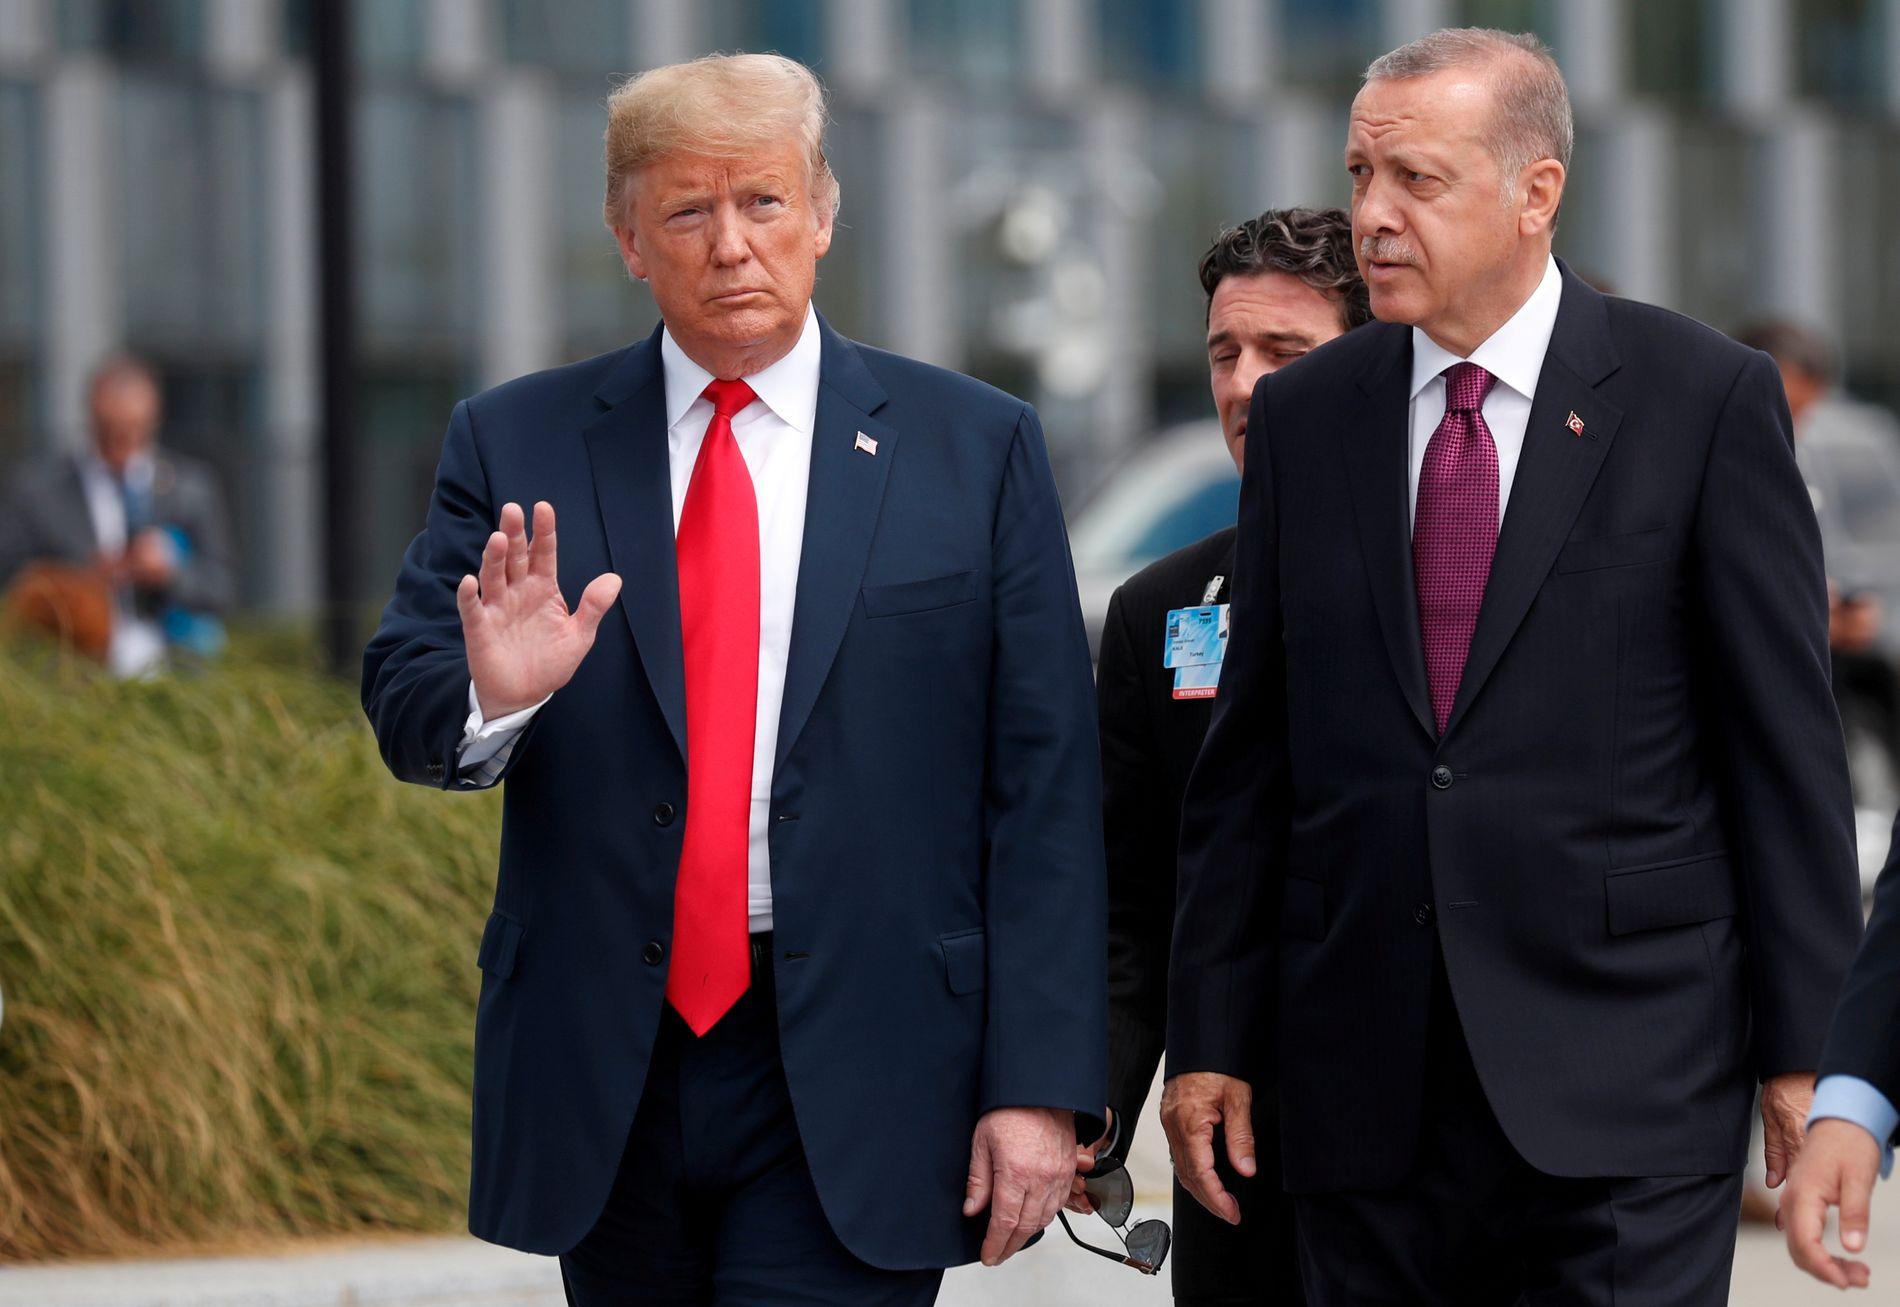 GIR TYRKIA JOBBEN: Den amerikanske presidenten Donald Trump mener den tyrkiske presidenten Tayyip Erdogan er riktig mann til å bekjempe IS i Syria. Her er de sammen på et NATO-møte i Brussel i Belgia tidligere i år.